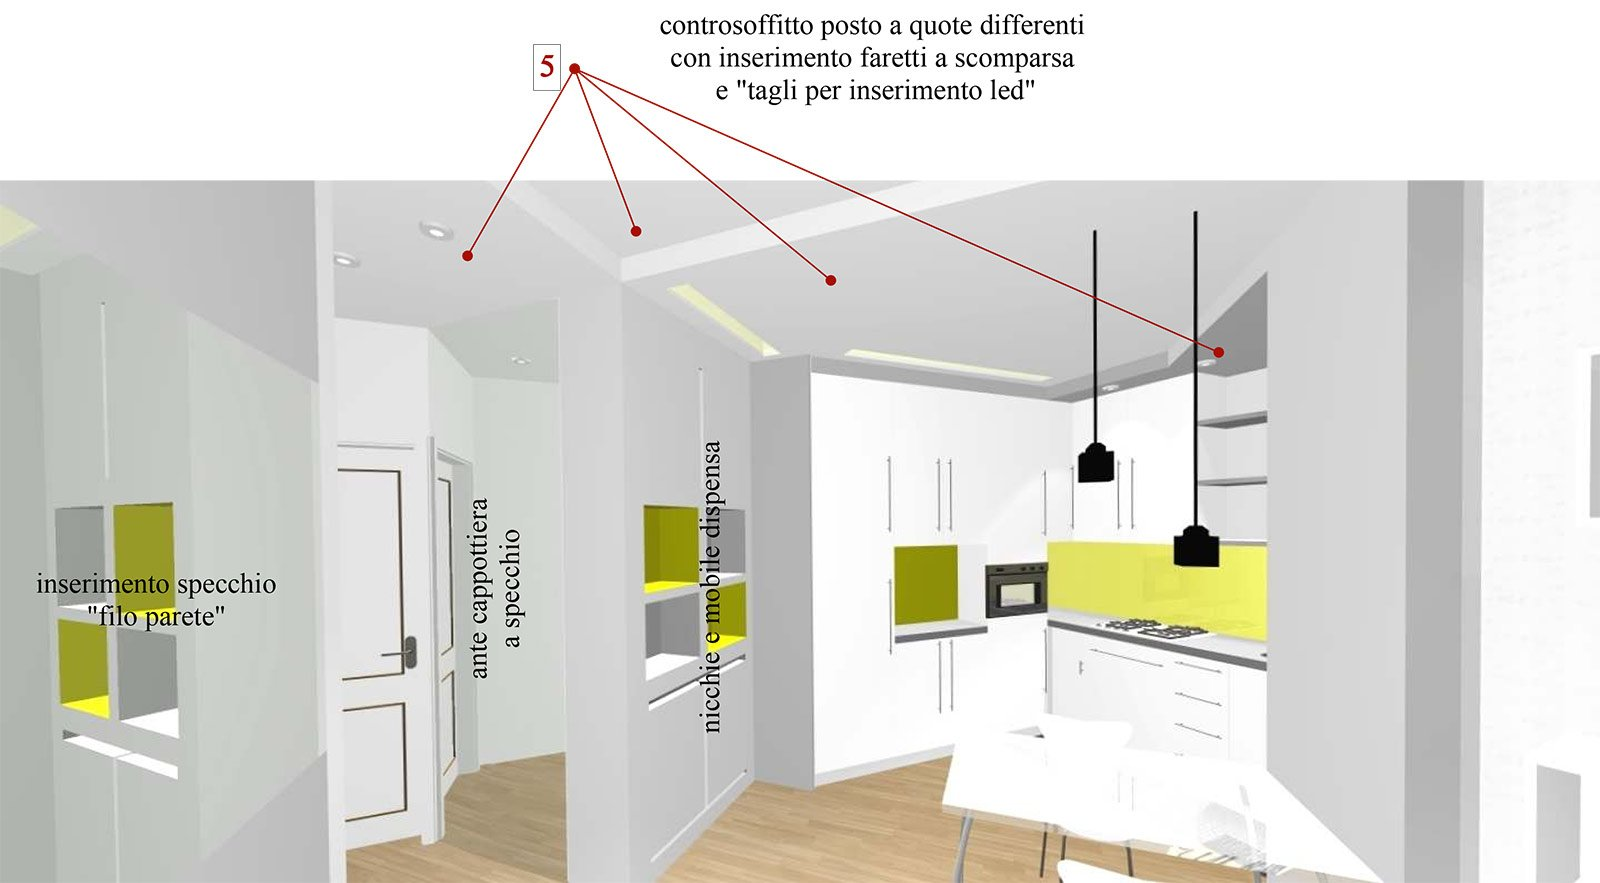 Bilocale Con Cucina A Vista Cose Di Casa #B1B11A 1600 883 Arredare Bilocale Con Cucina A Vista